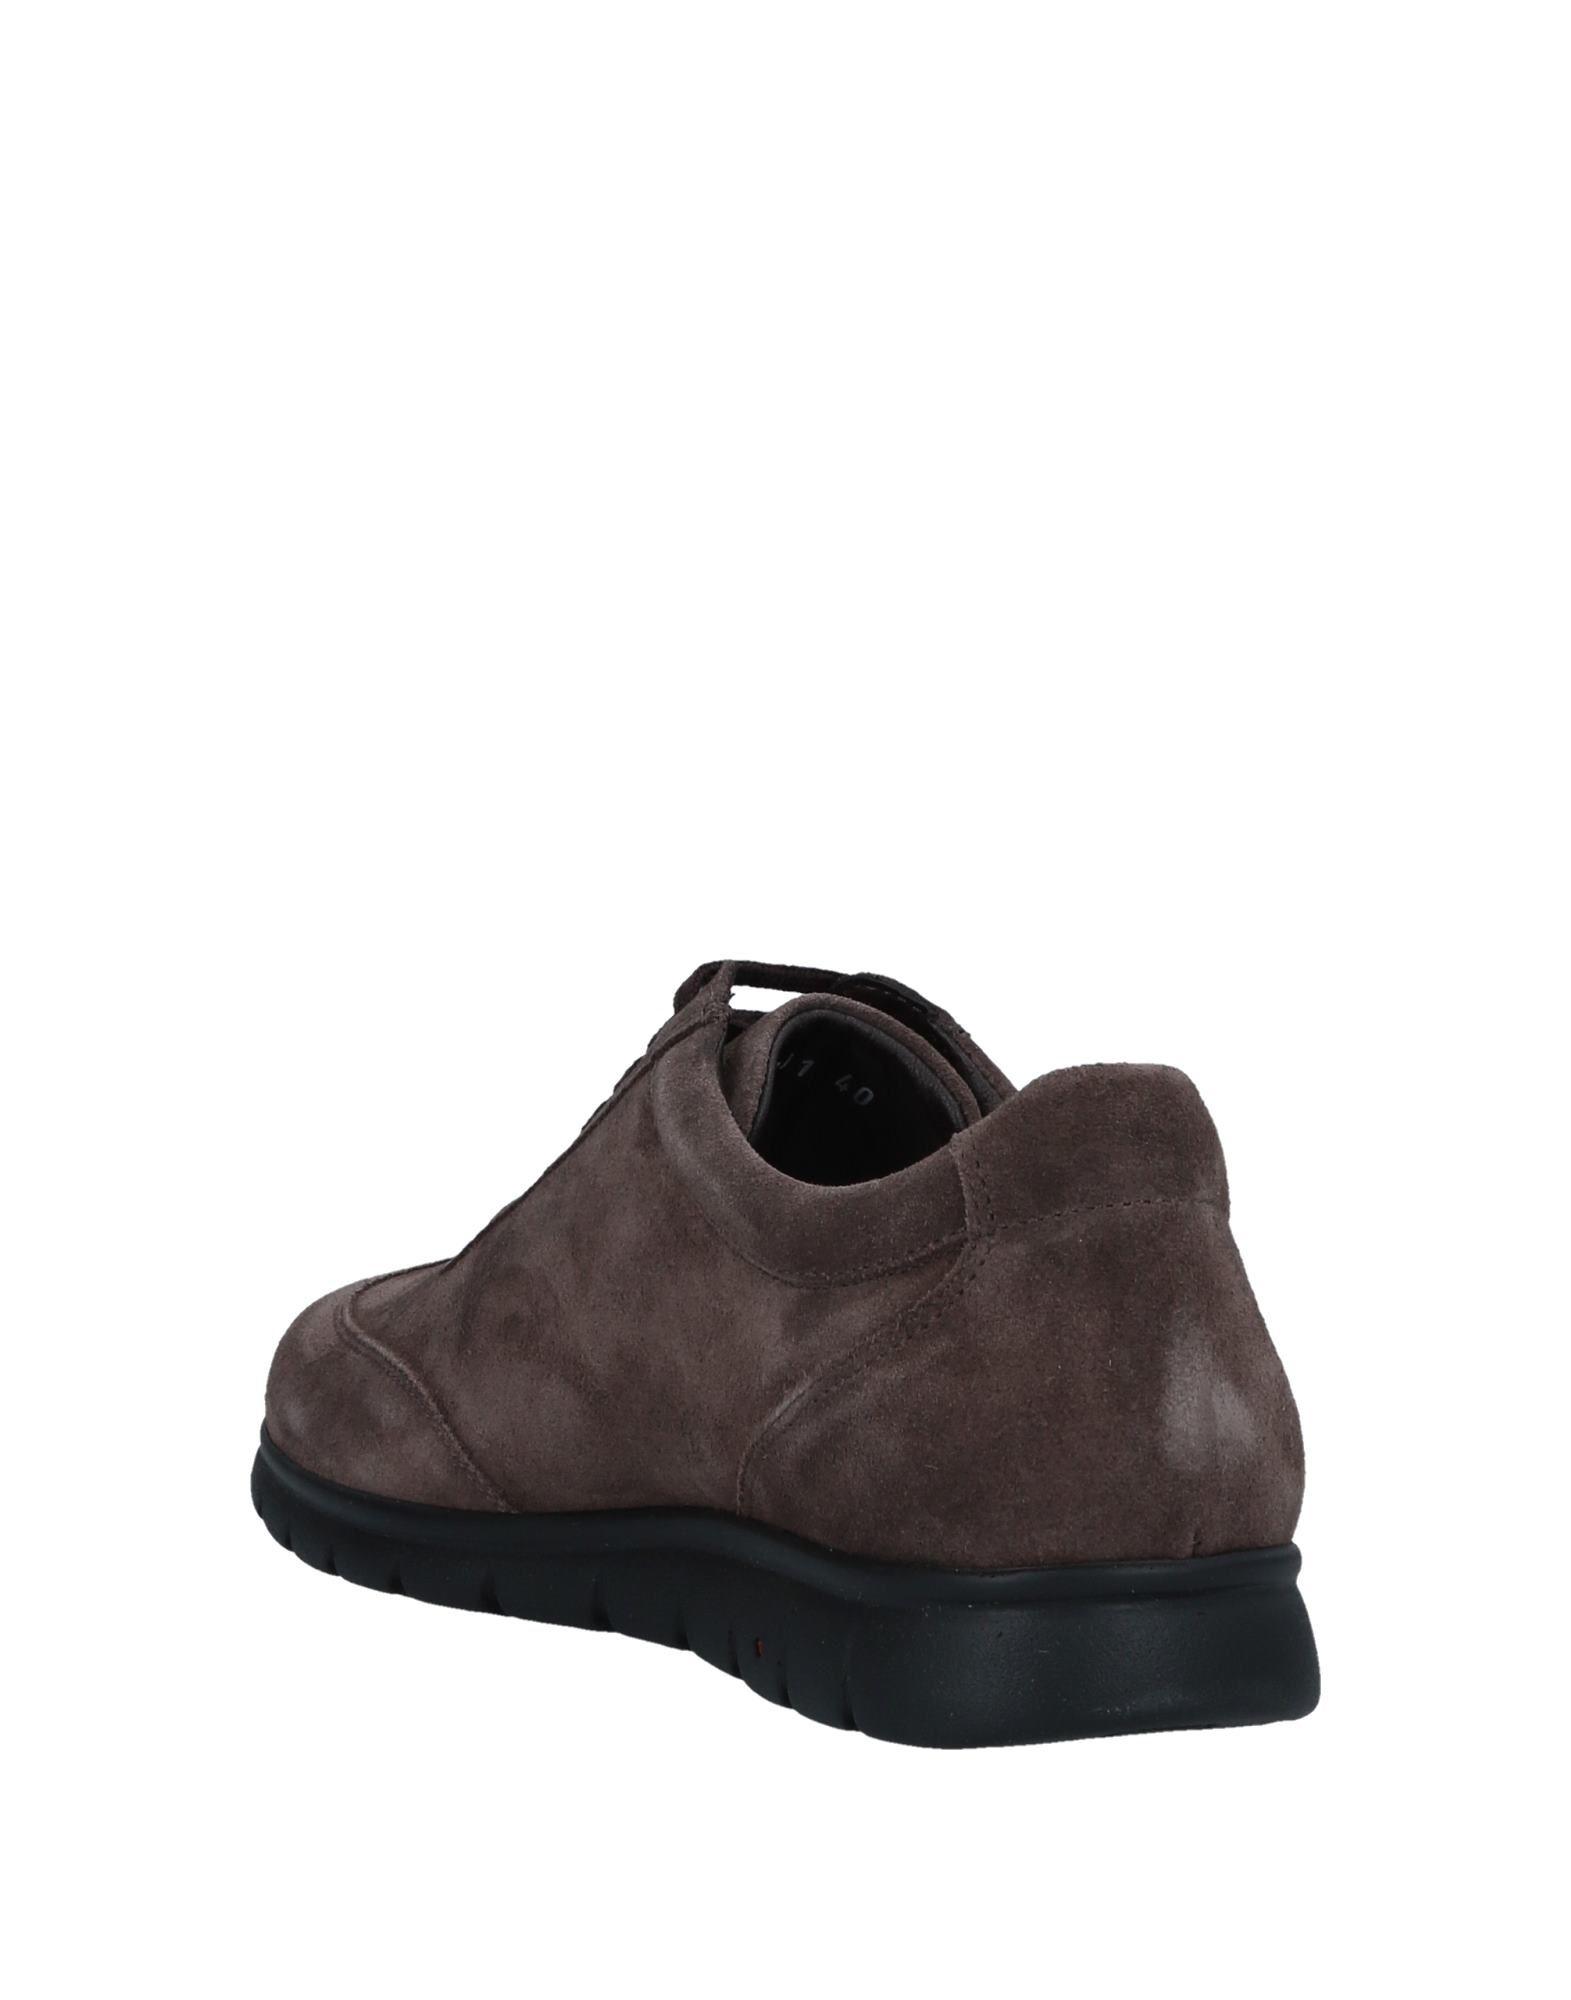 Anderson Sneakers Herren Herren Sneakers  11521680QU 348916